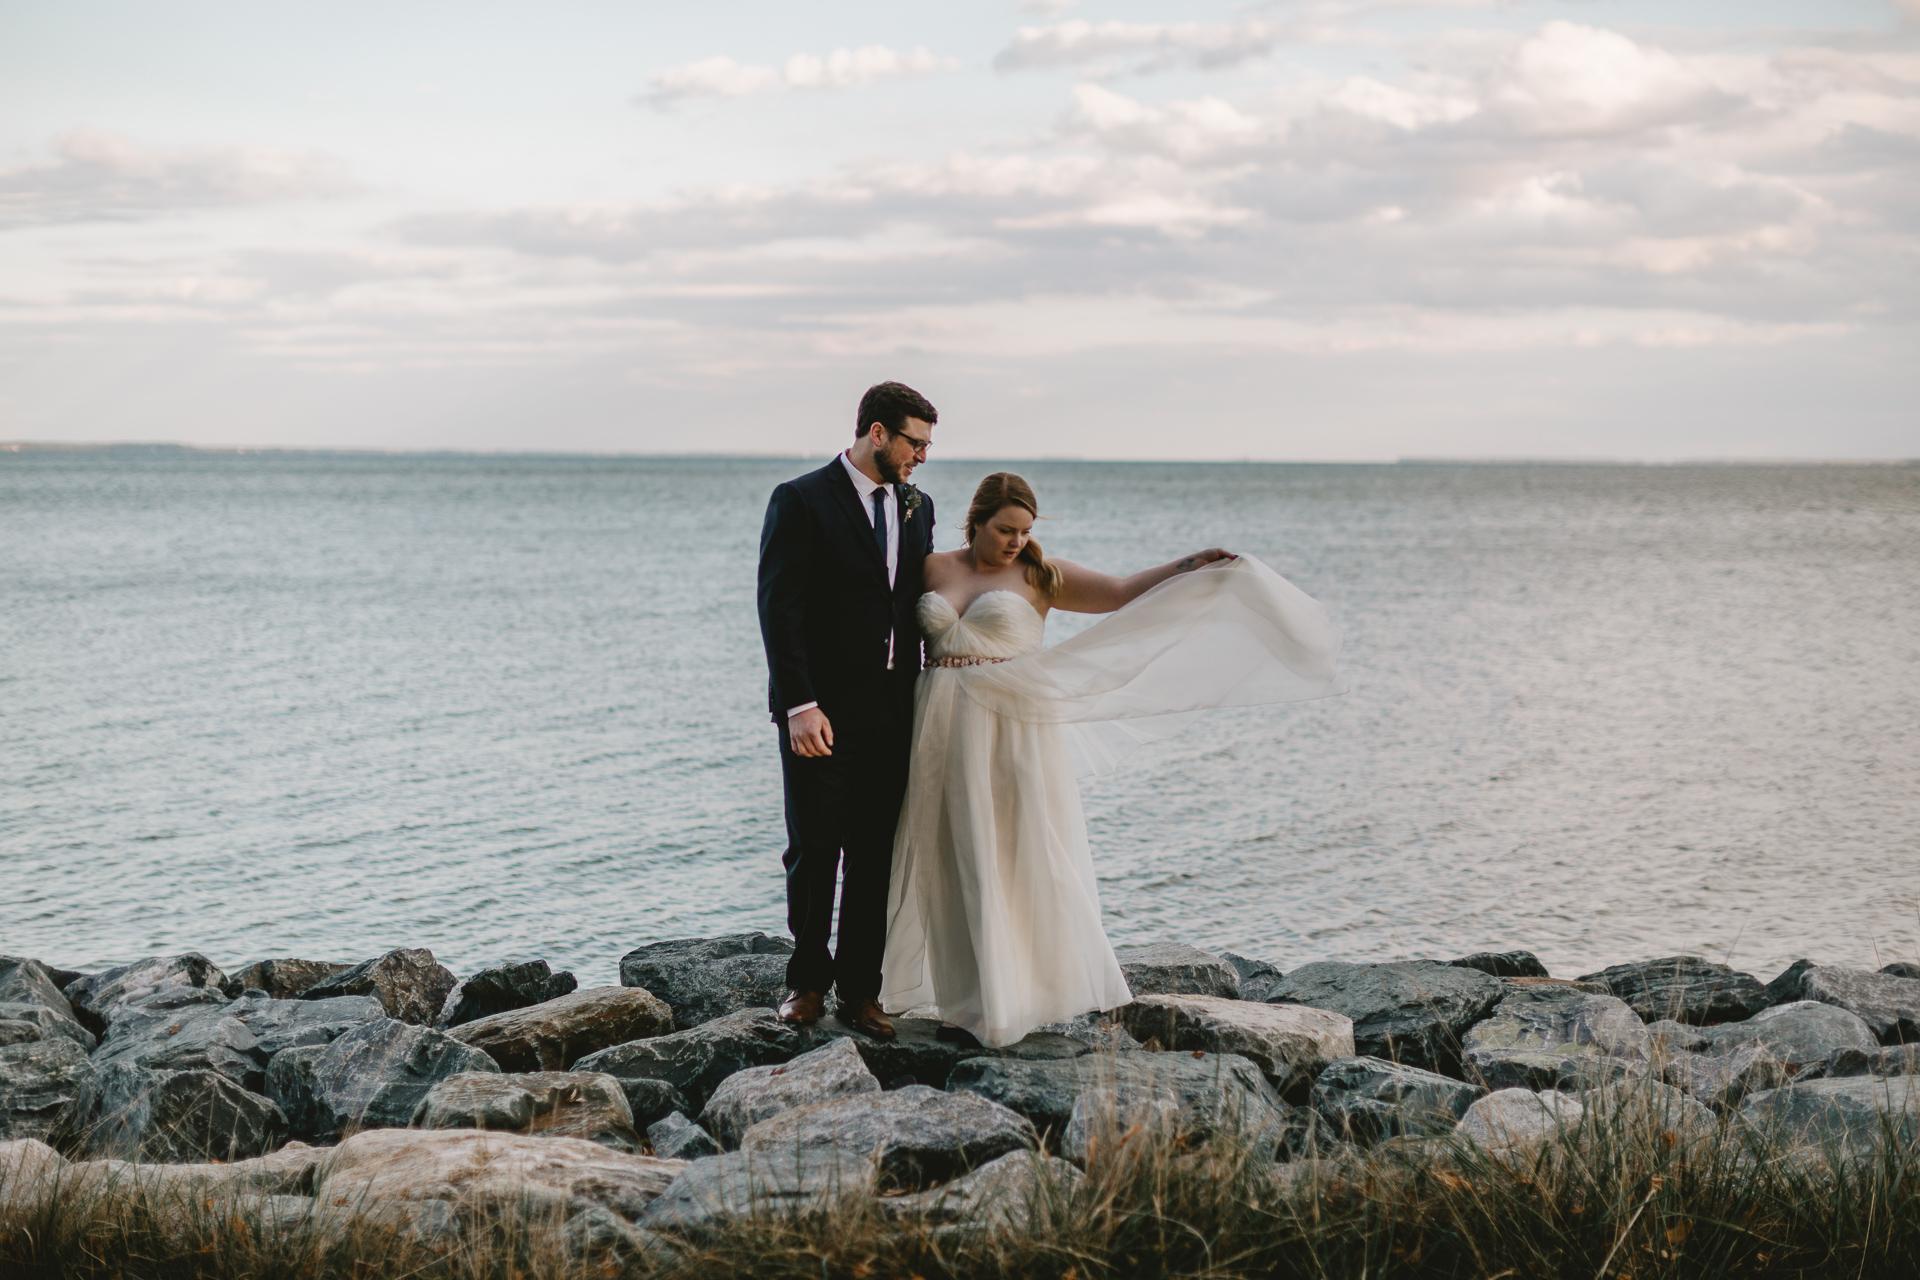 jess-hunter-tilghman-island-wedding-photographer-7989.jpg